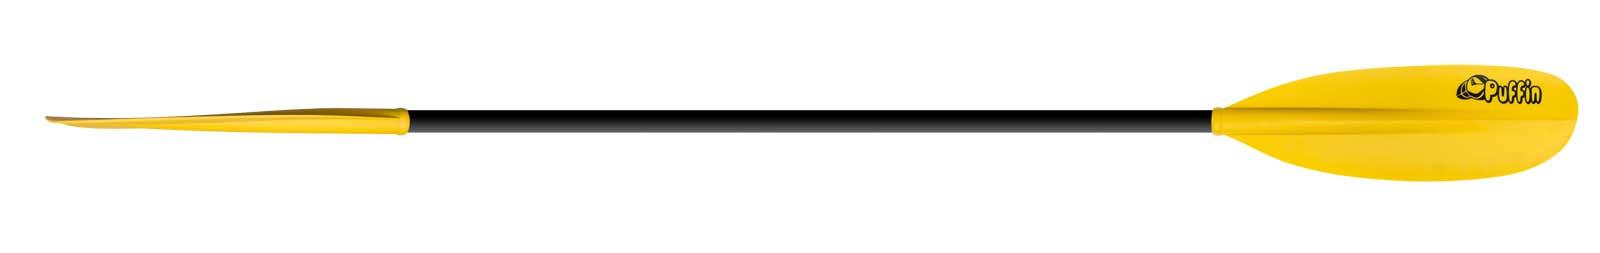 LAMINEX パフィン2ピース(グラスシャフト)